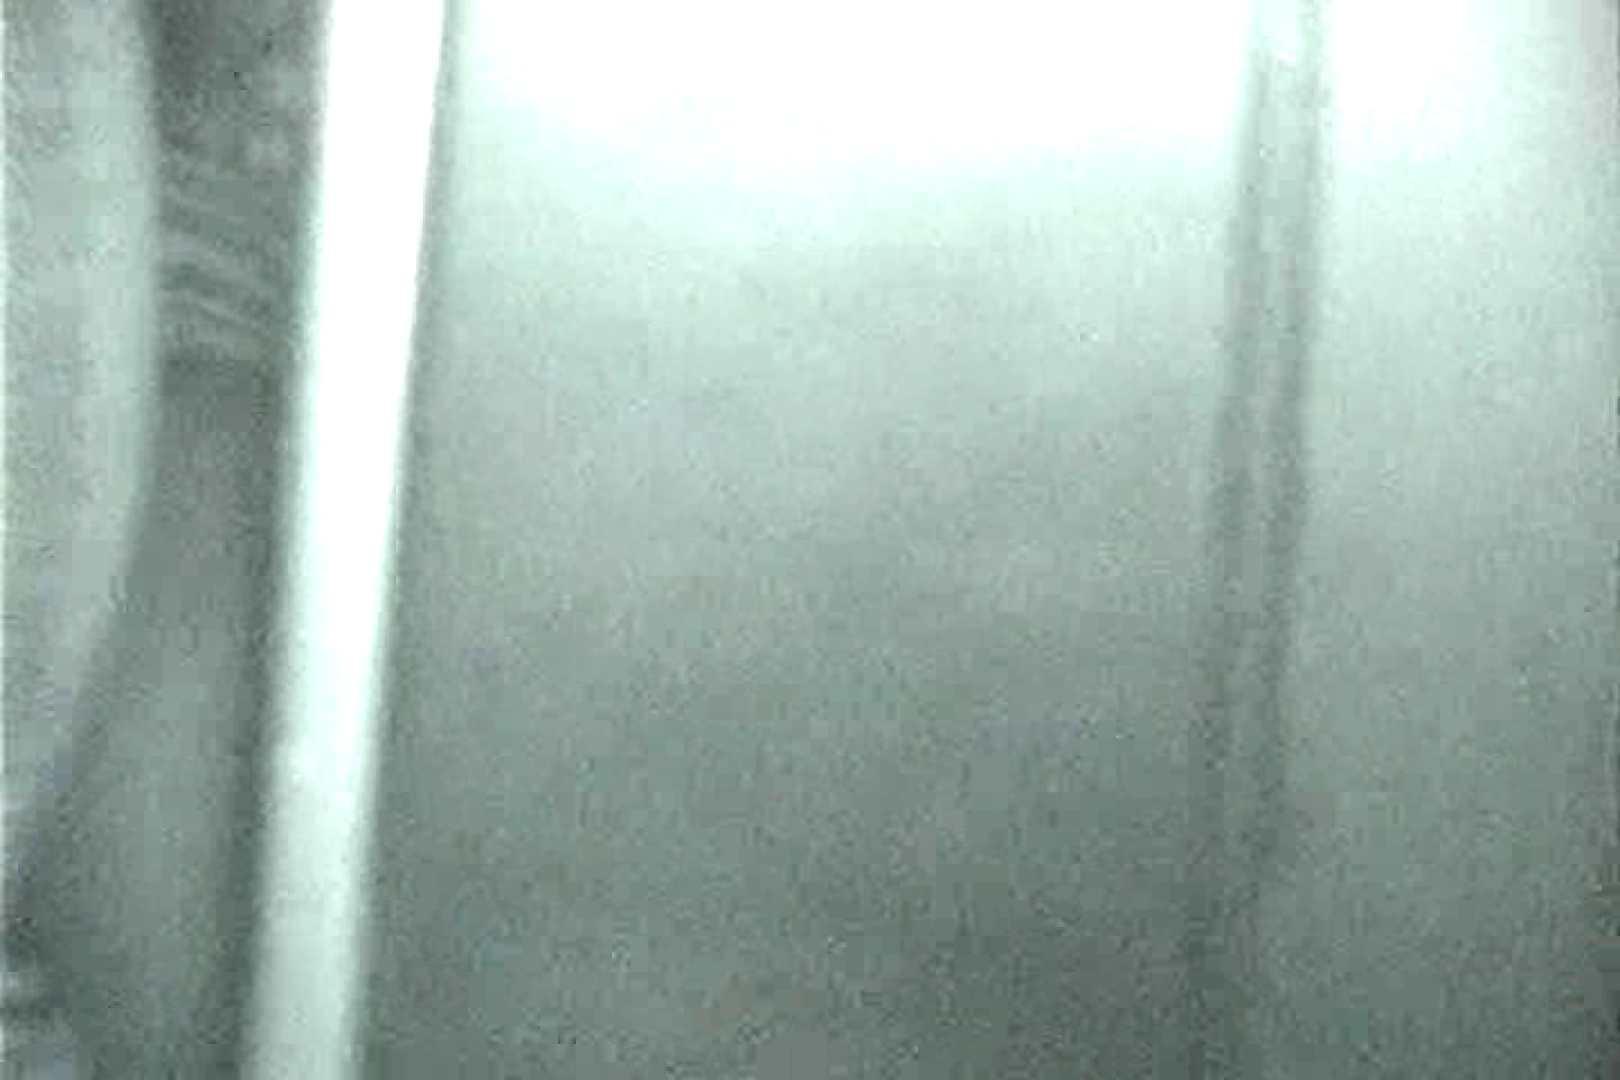 充血監督の深夜の運動会Vol.27 フェラ無修正 セックス画像 76画像 23